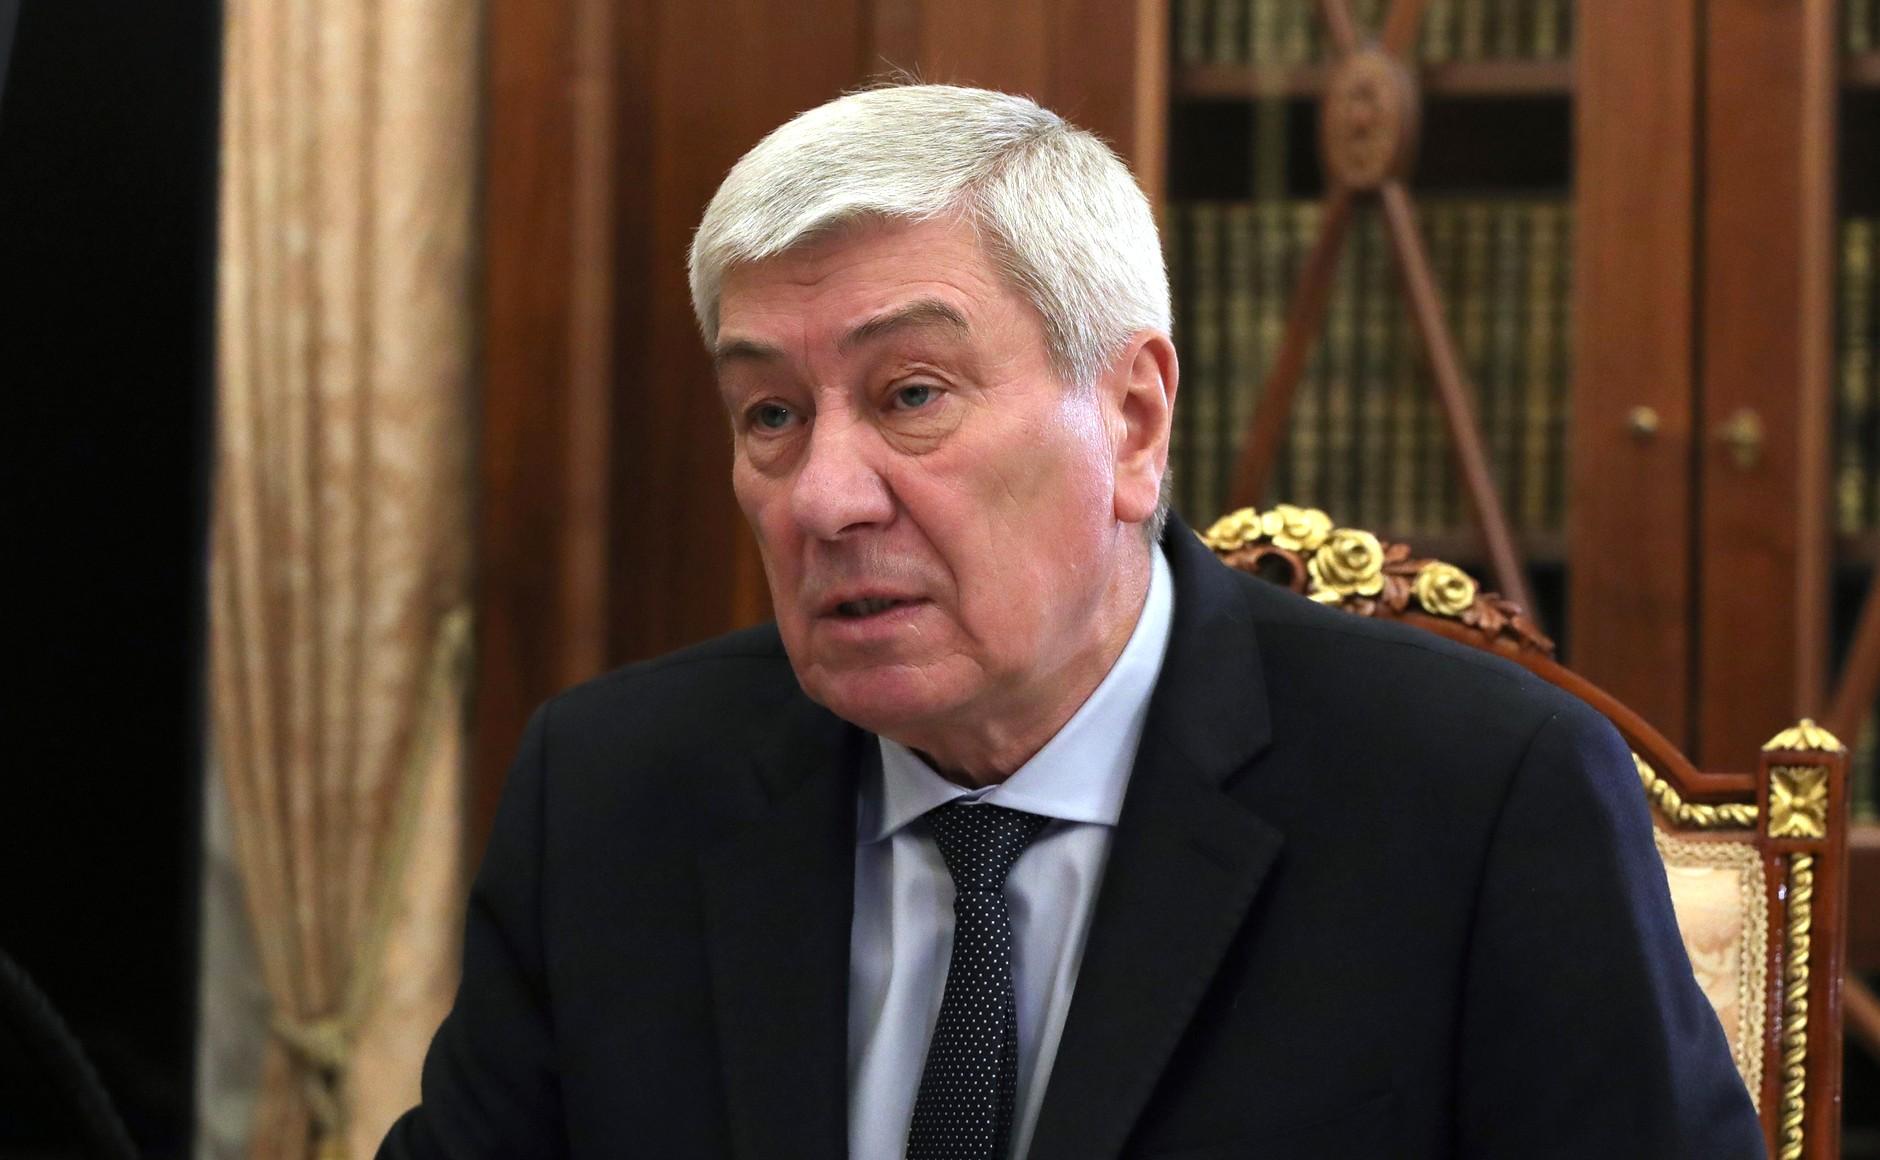 FINANCE SURVEILLEE 2 SUR 3 Rencontre avec le chef du Service fédéral de surveillance financière Yury Chikhanchin 19.02.2021